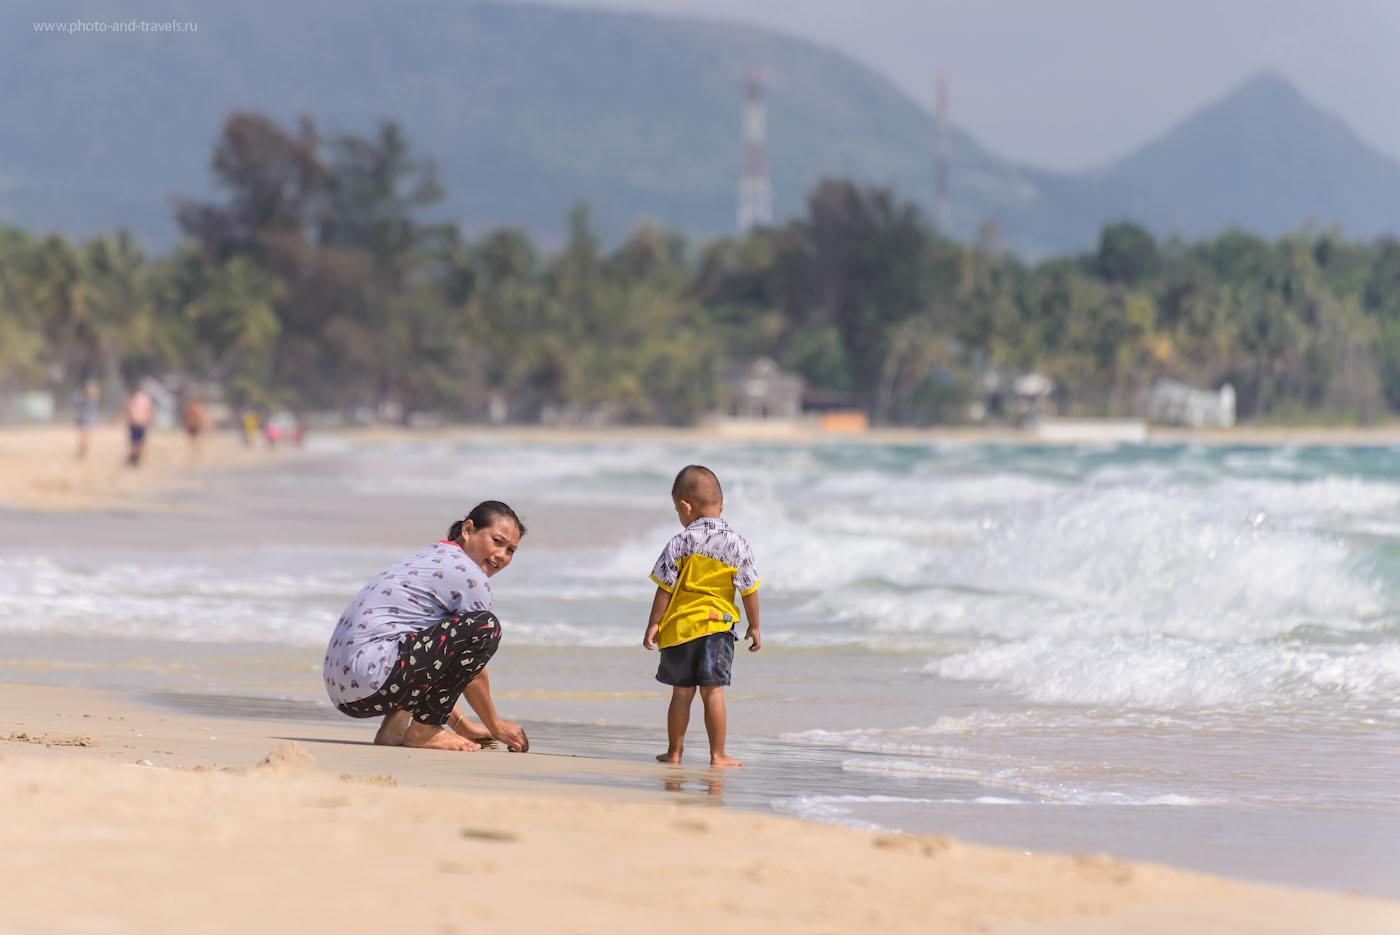 Фото 2. Съемка на том же пляже, но на телеобъектив. 1/640, 5.6, 100, 300.